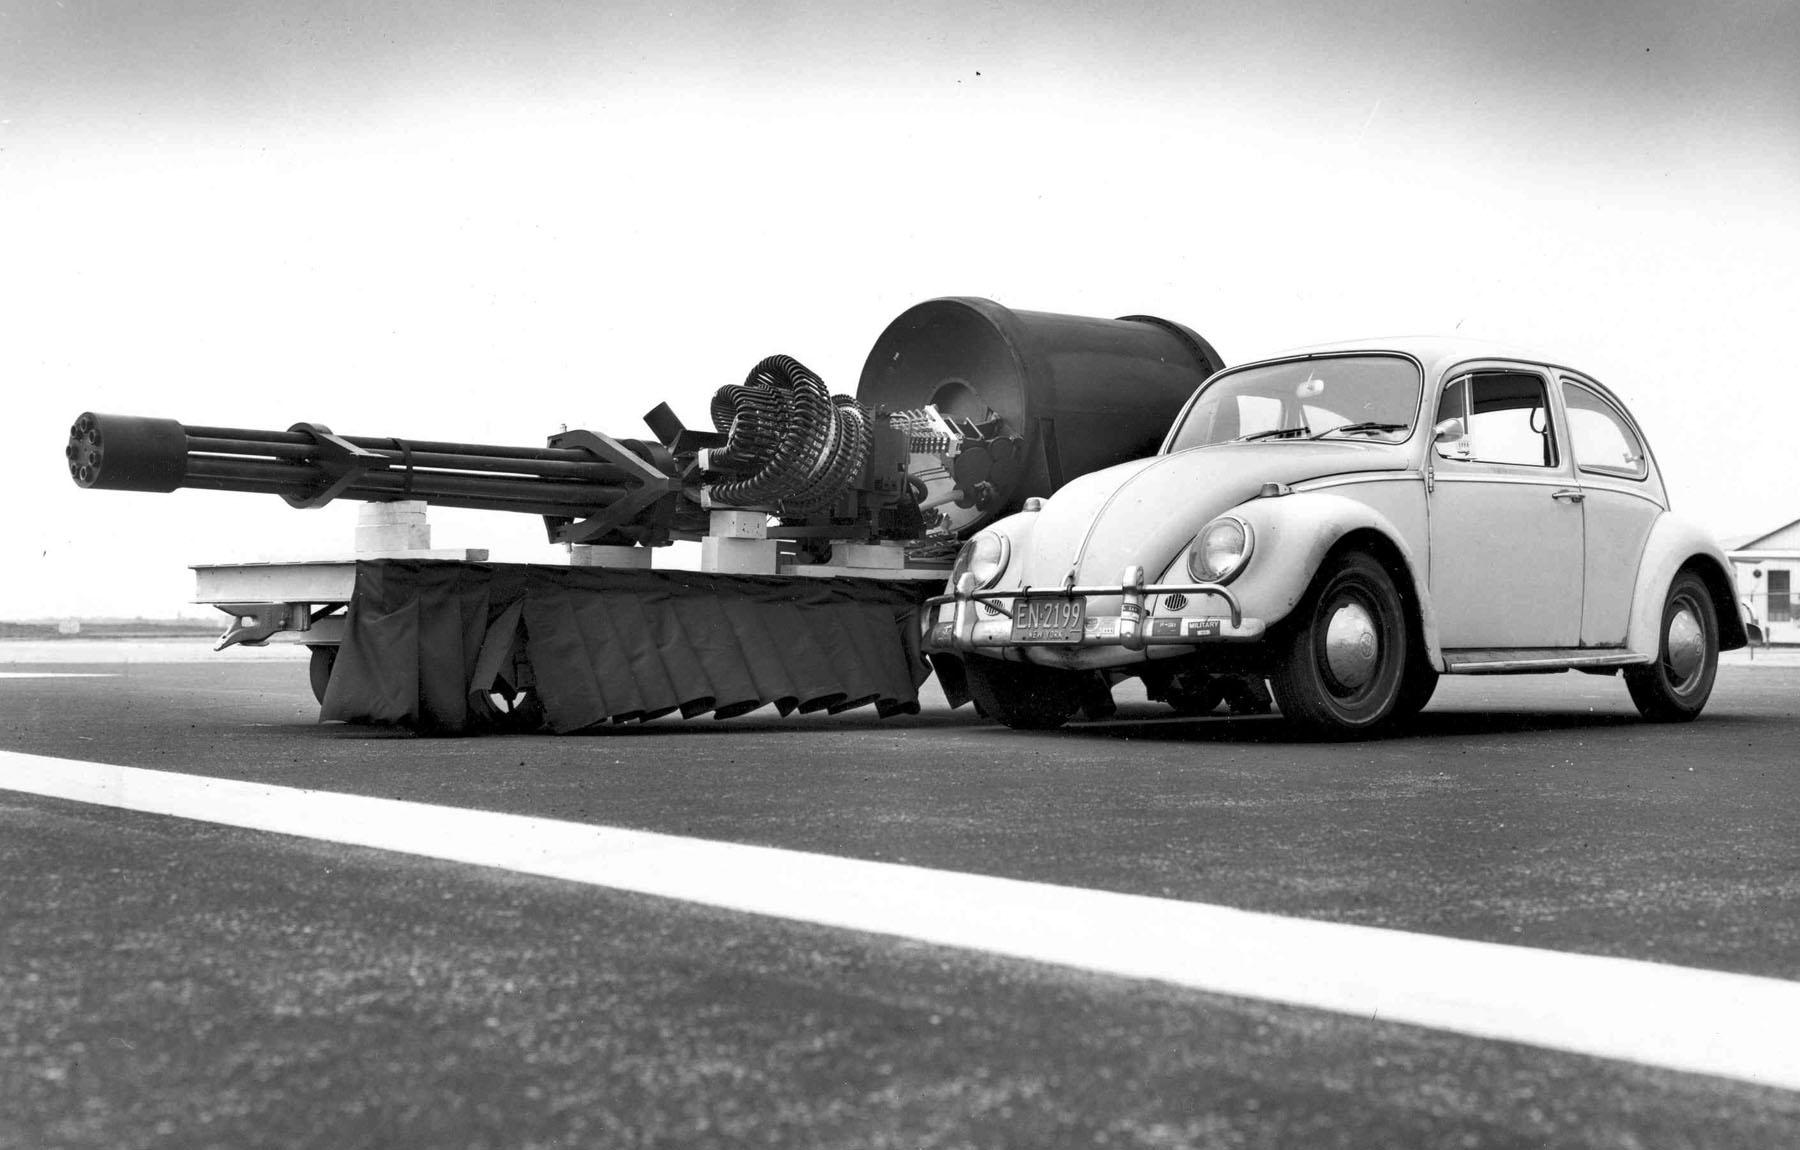 [Image: GAU-8_meets_VW_Type_1.jpg]